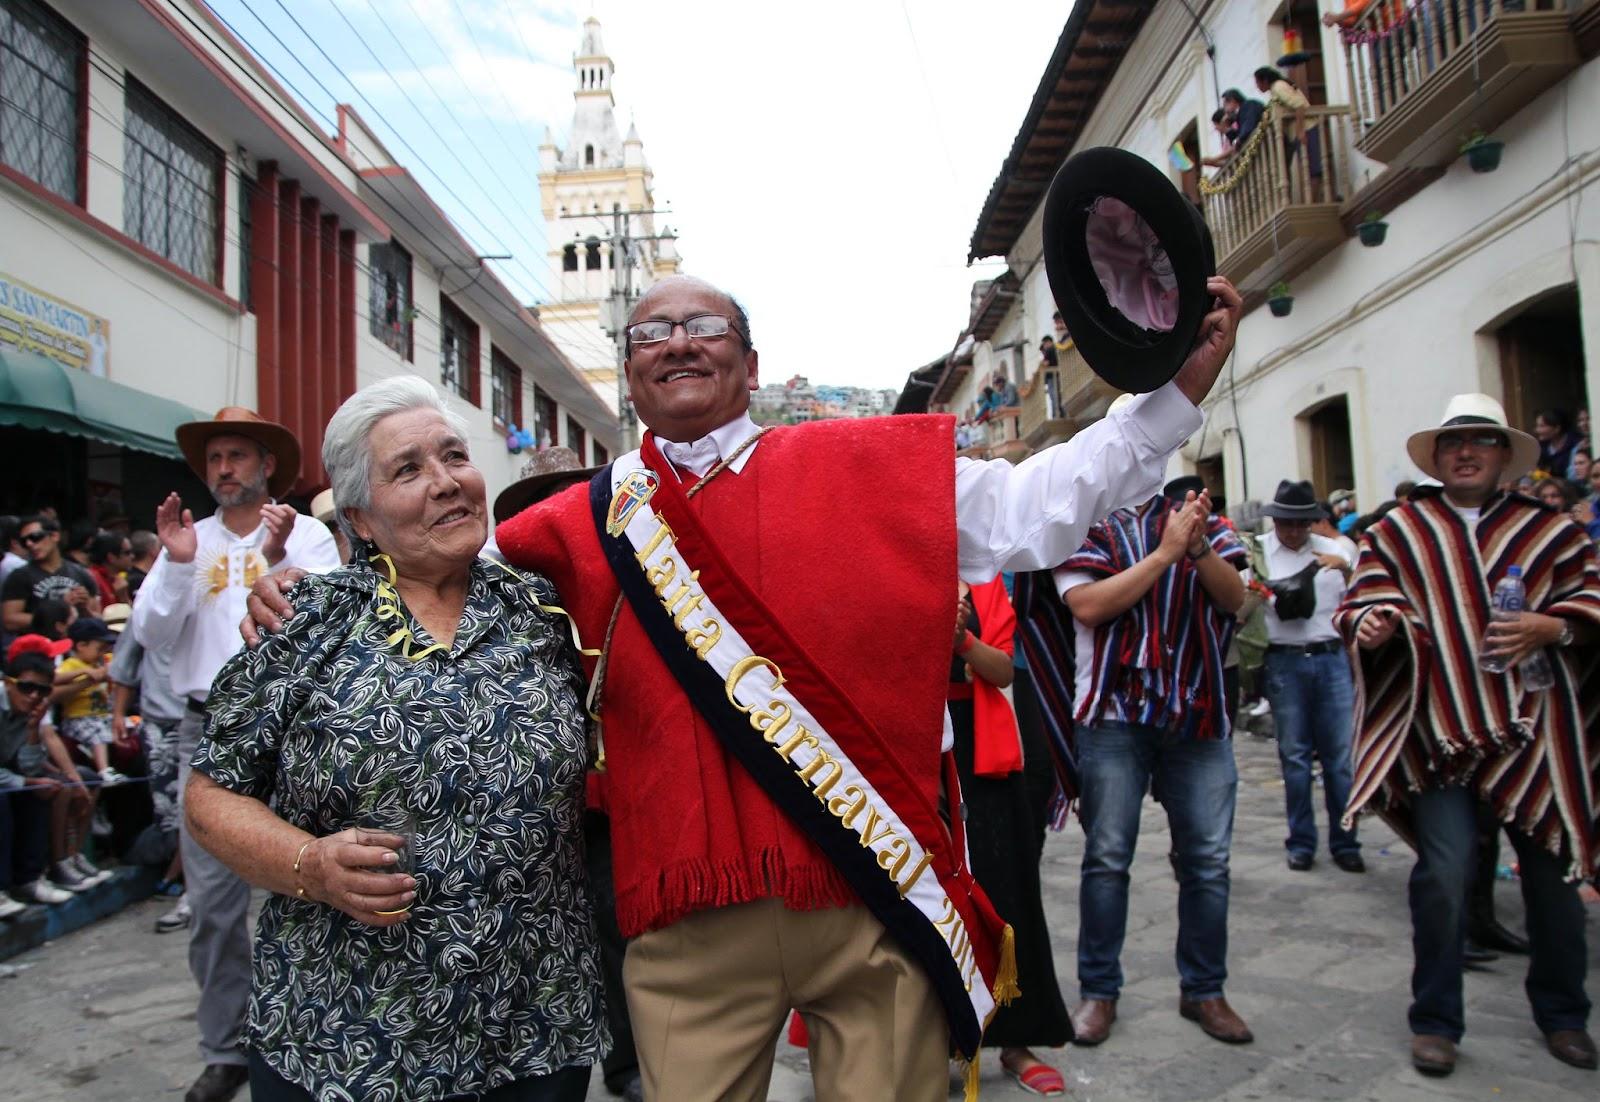 Taita Carnaval of Guaranda and an elderly grandma dancing with joy.